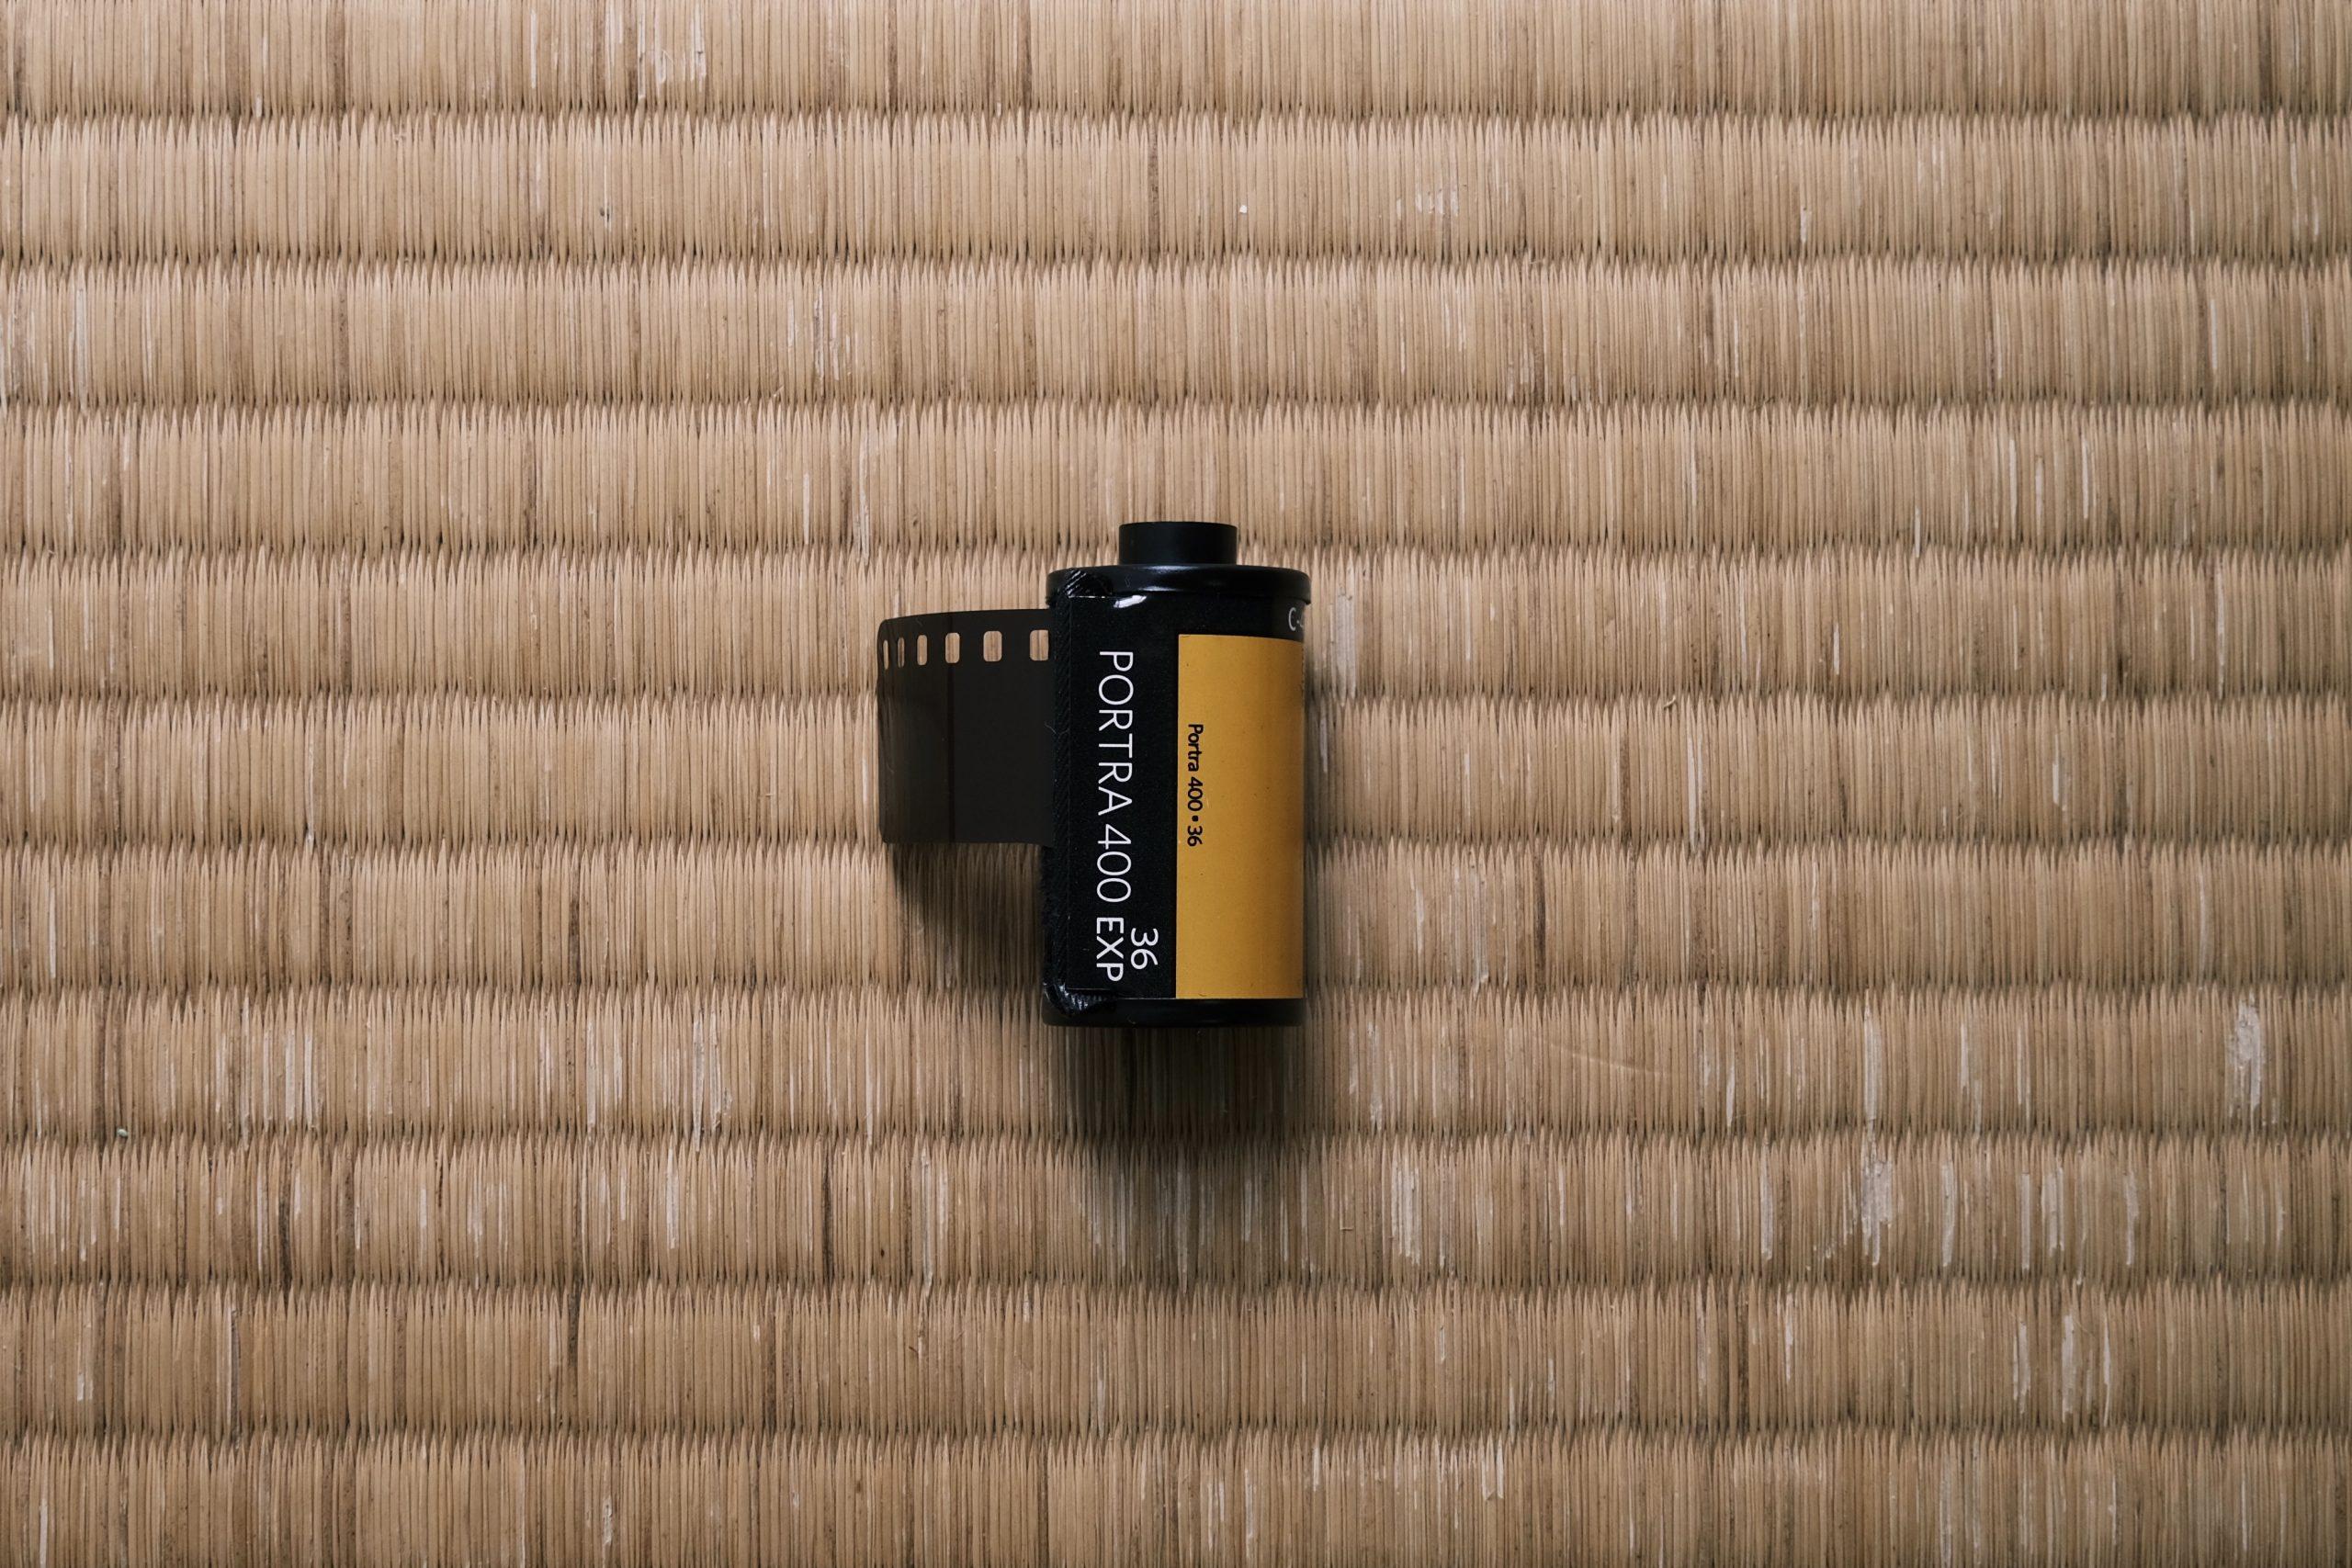 銀塩写真列伝 Kodak PORTRA 400編